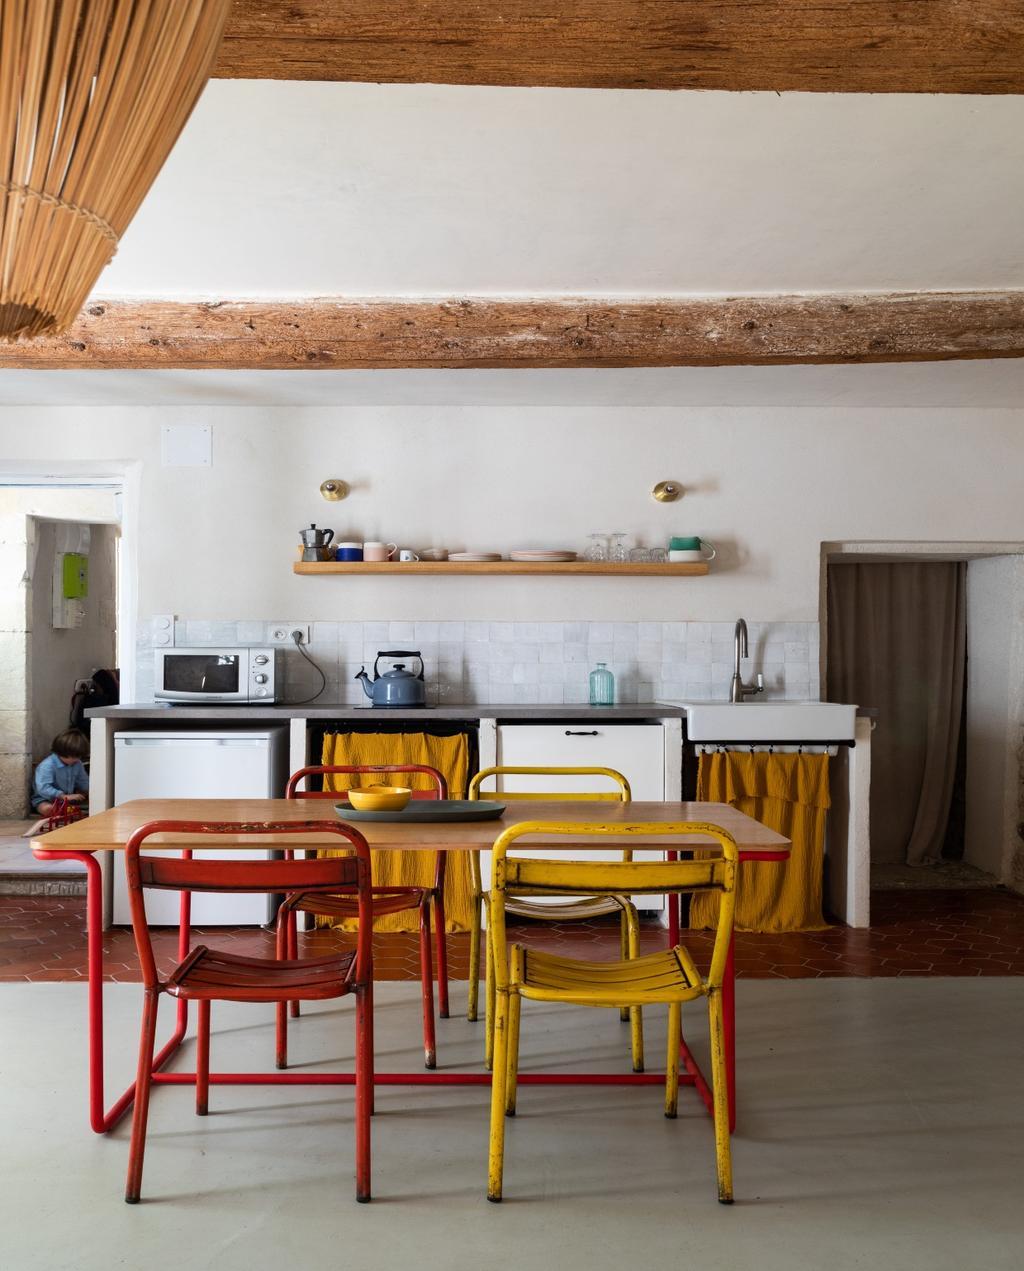 vtwonen 08-2020 | bk buitenland frankrijk eettafel met gekleurde stoelen